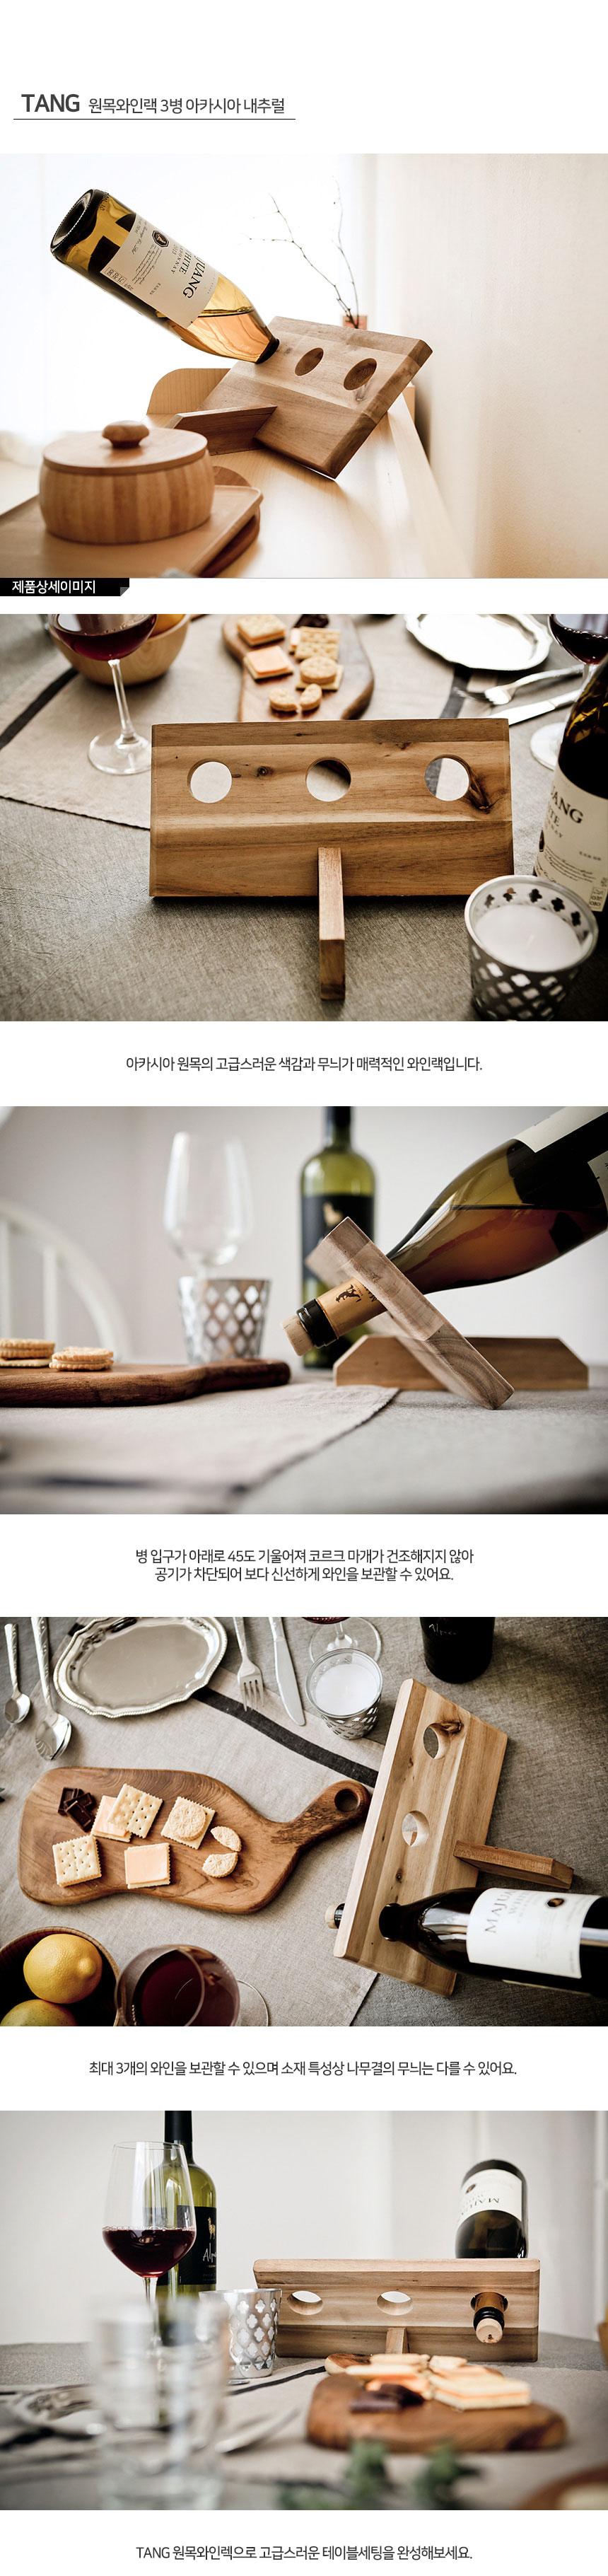 tang_wine_na-1.jpg